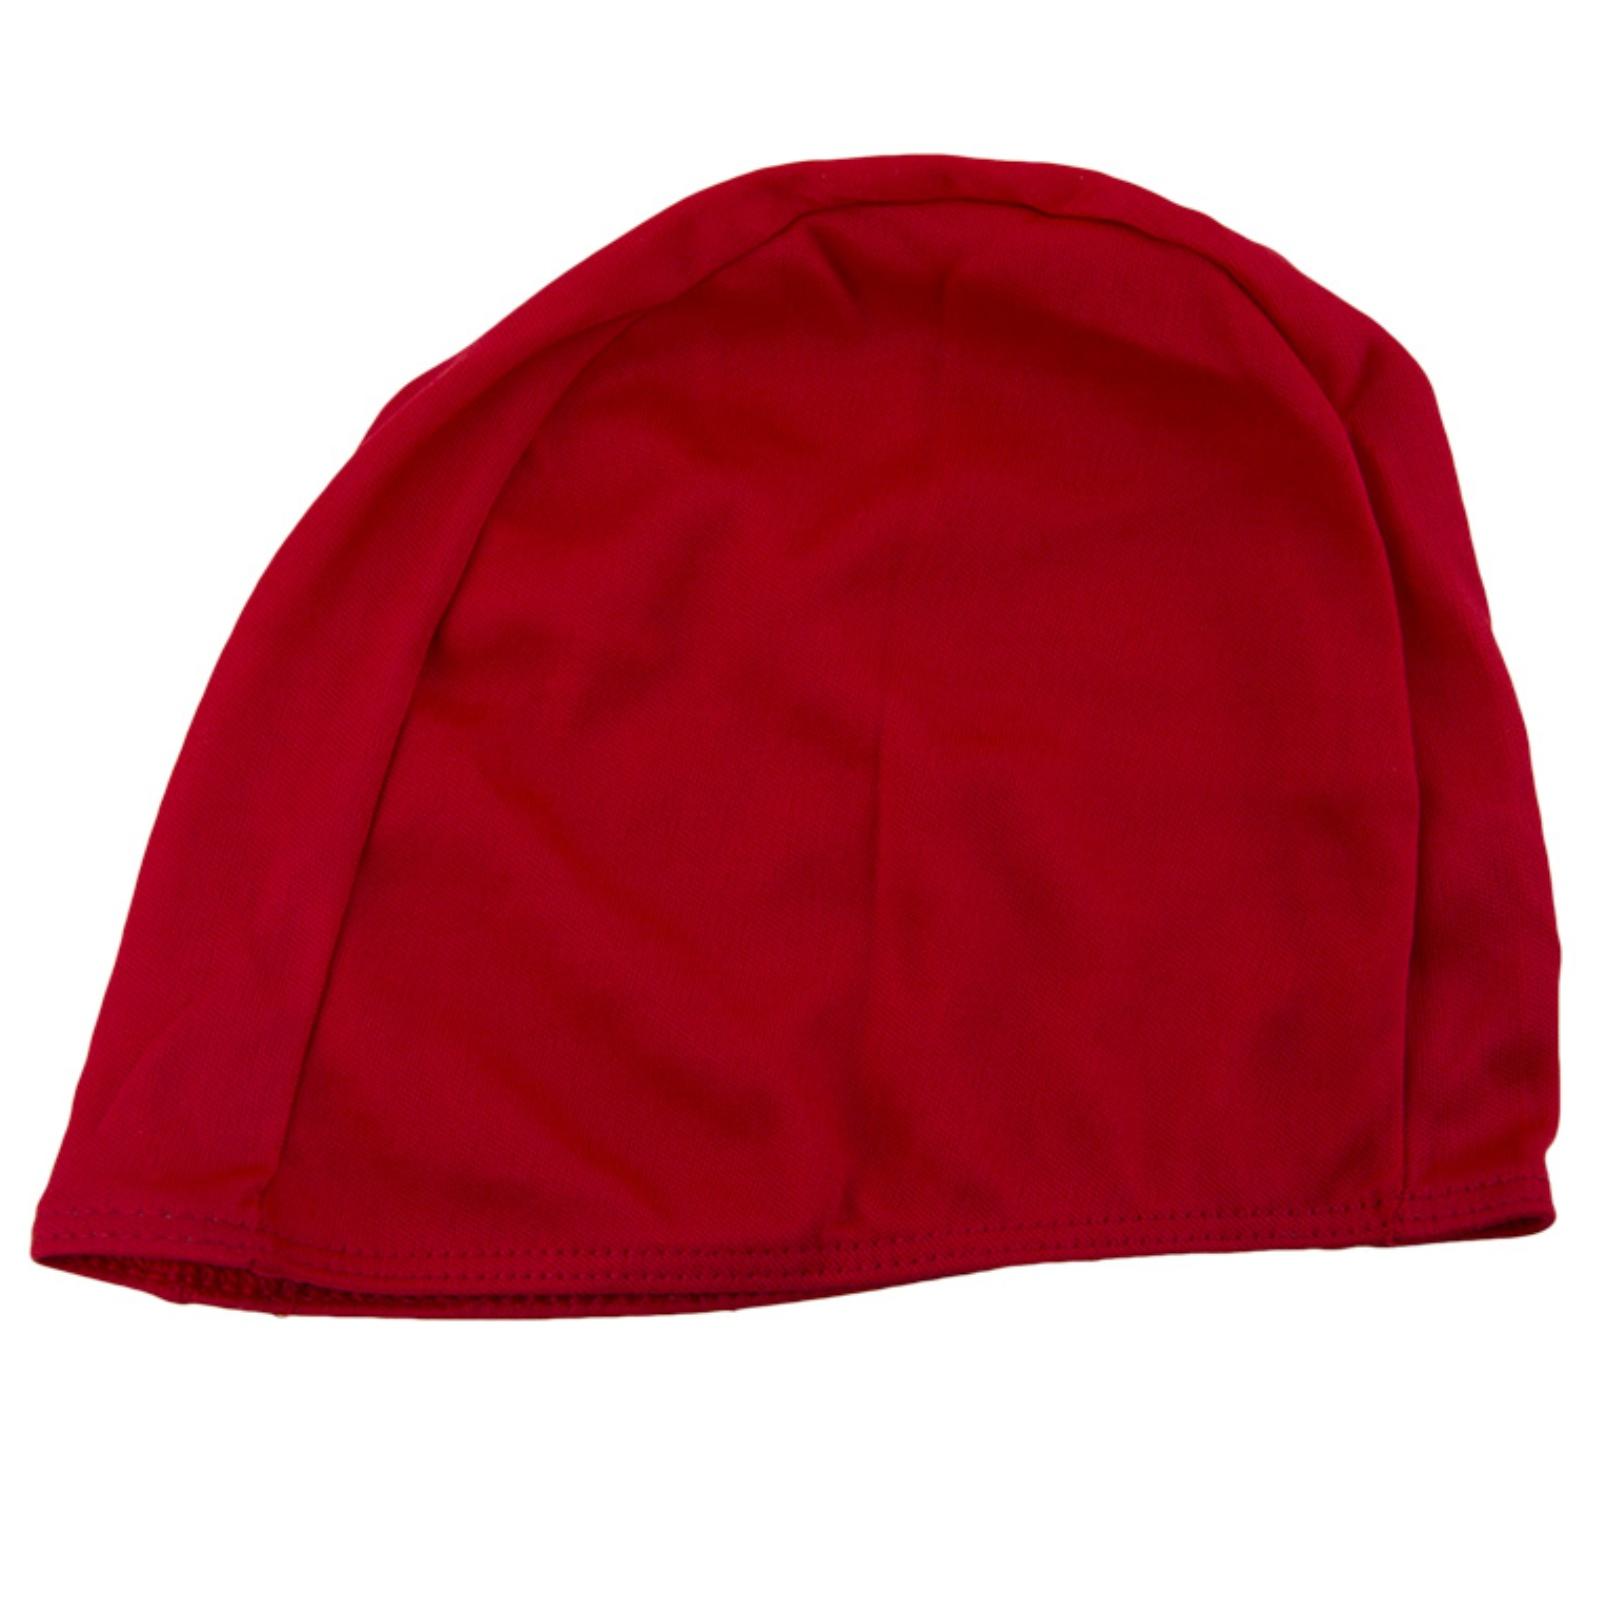 Koupací čepice Polyamid 1901 senior - červená